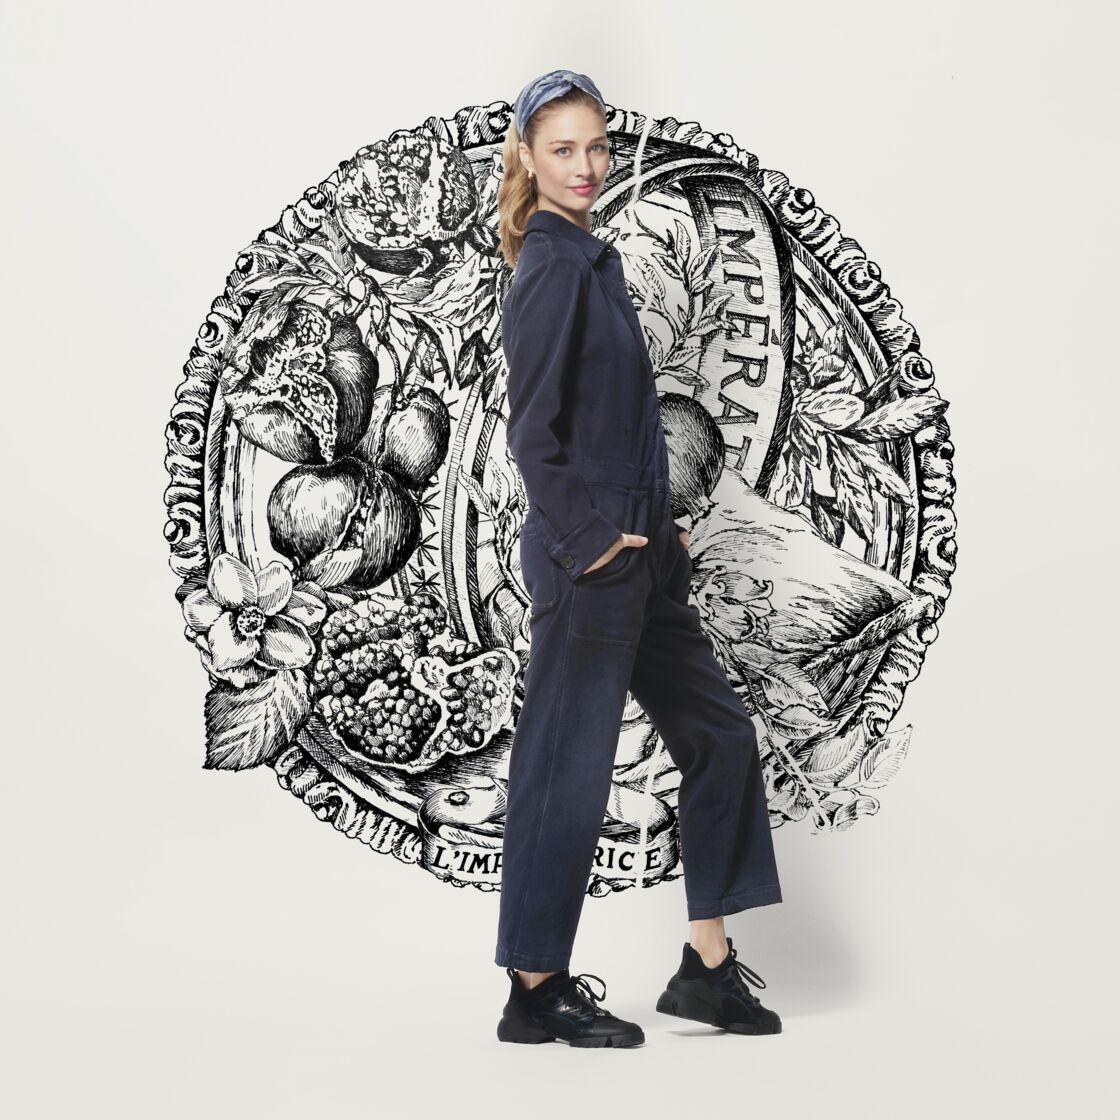 Beatrice Borromeo habillée par Maria Grazia Chiuri, lors du défilé digital Haute Couture Dior pour le printemps/été 2021